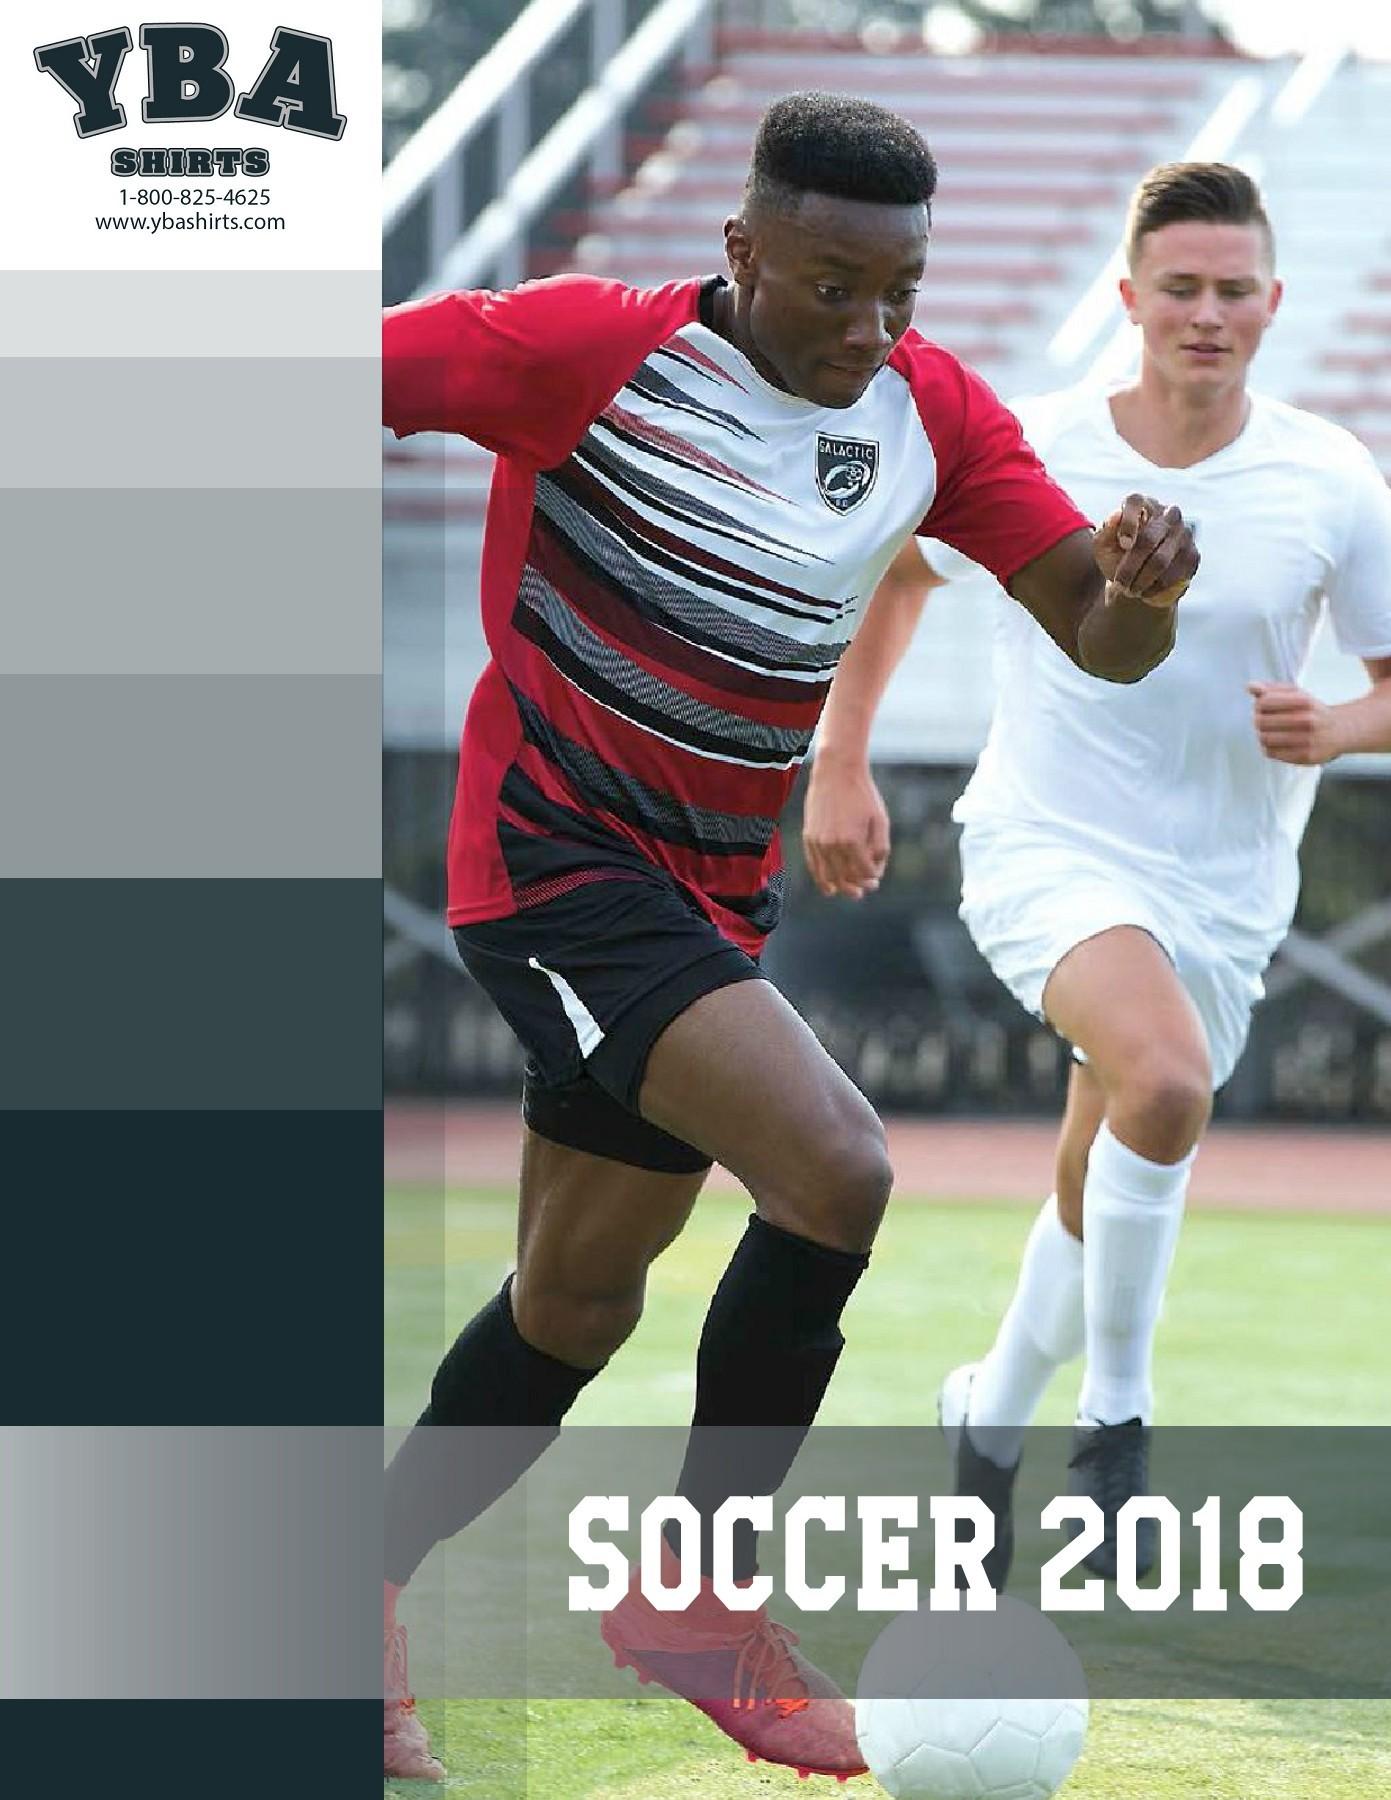 wholesale dealer 9c105 b5a58 Wholesale Soccer Gear | YBA Shirts - Wholesale Soccer Gear